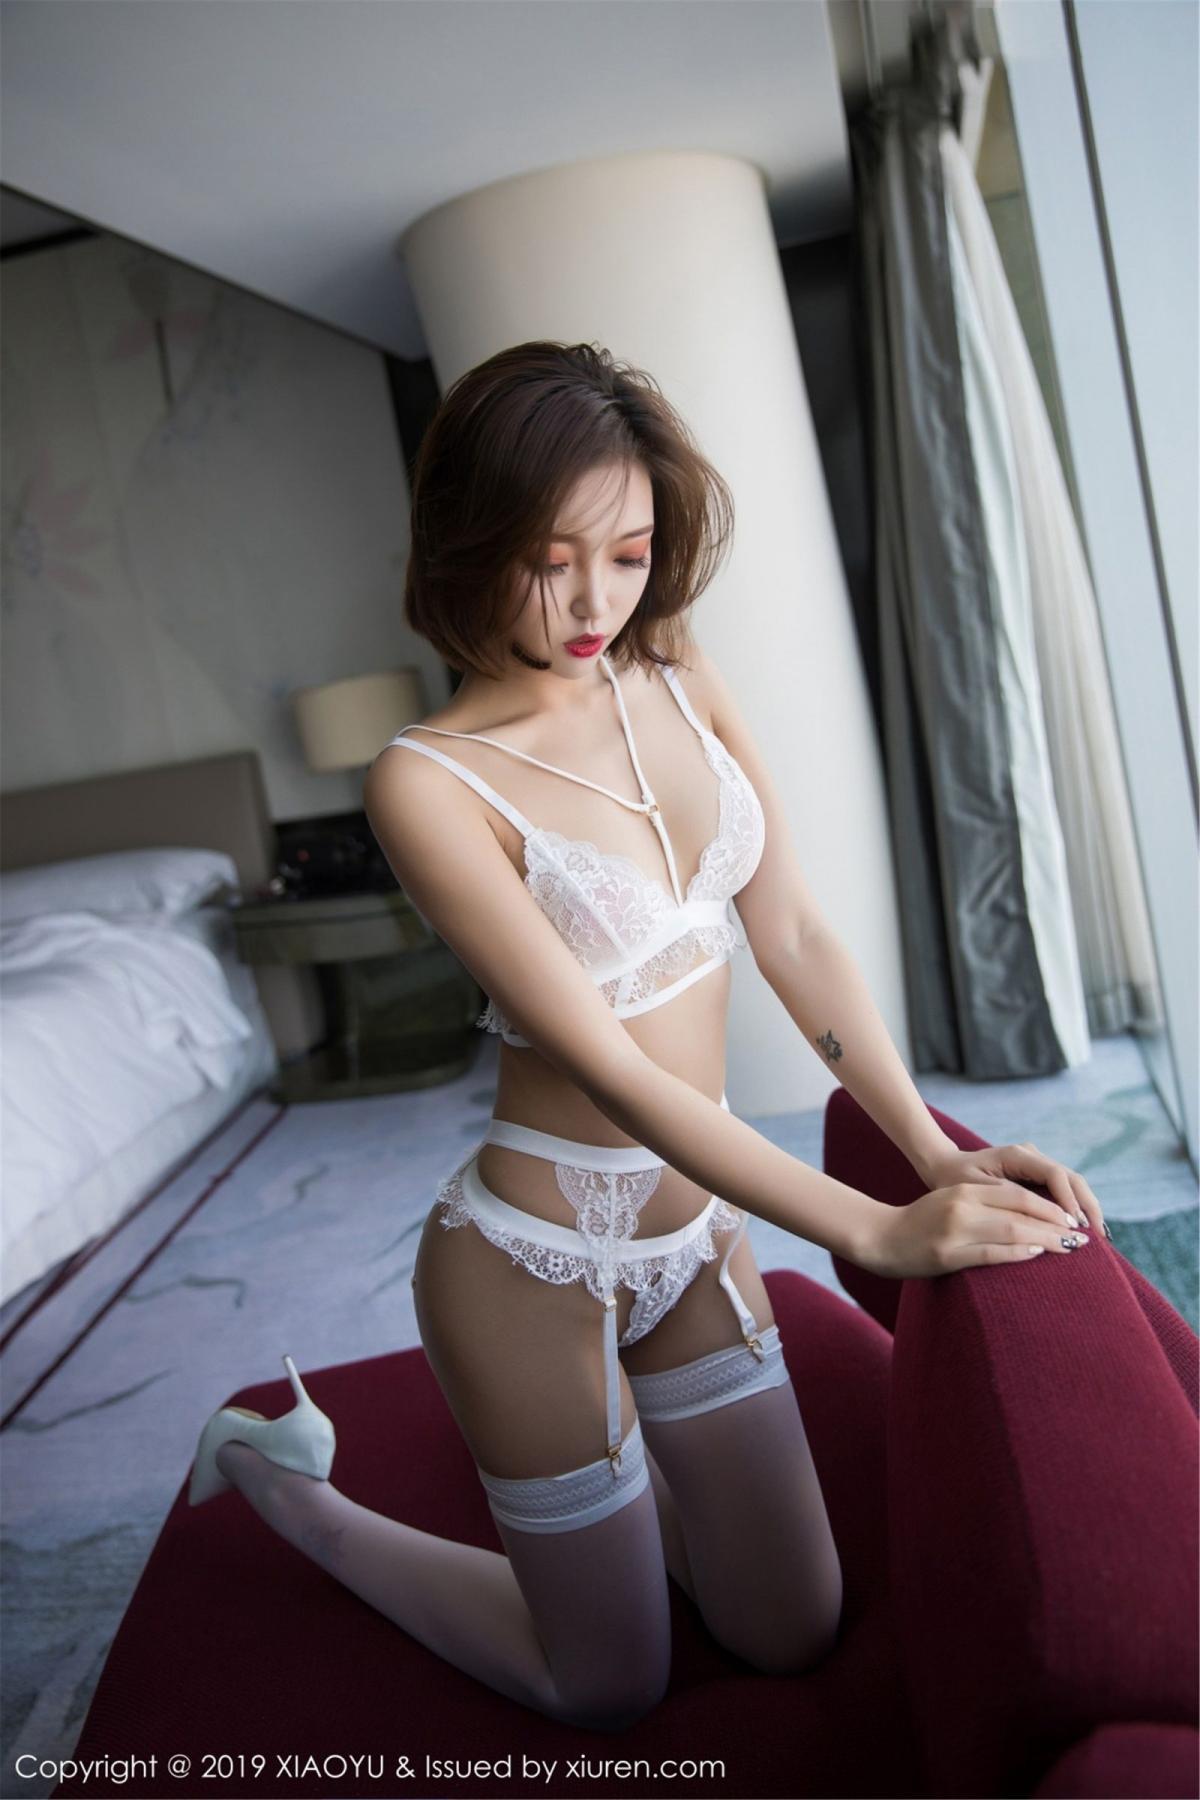 [XiaoYu] Vol.053 Lris 31P, Feng Mu Mu, Tall, Underwear, XiaoYu